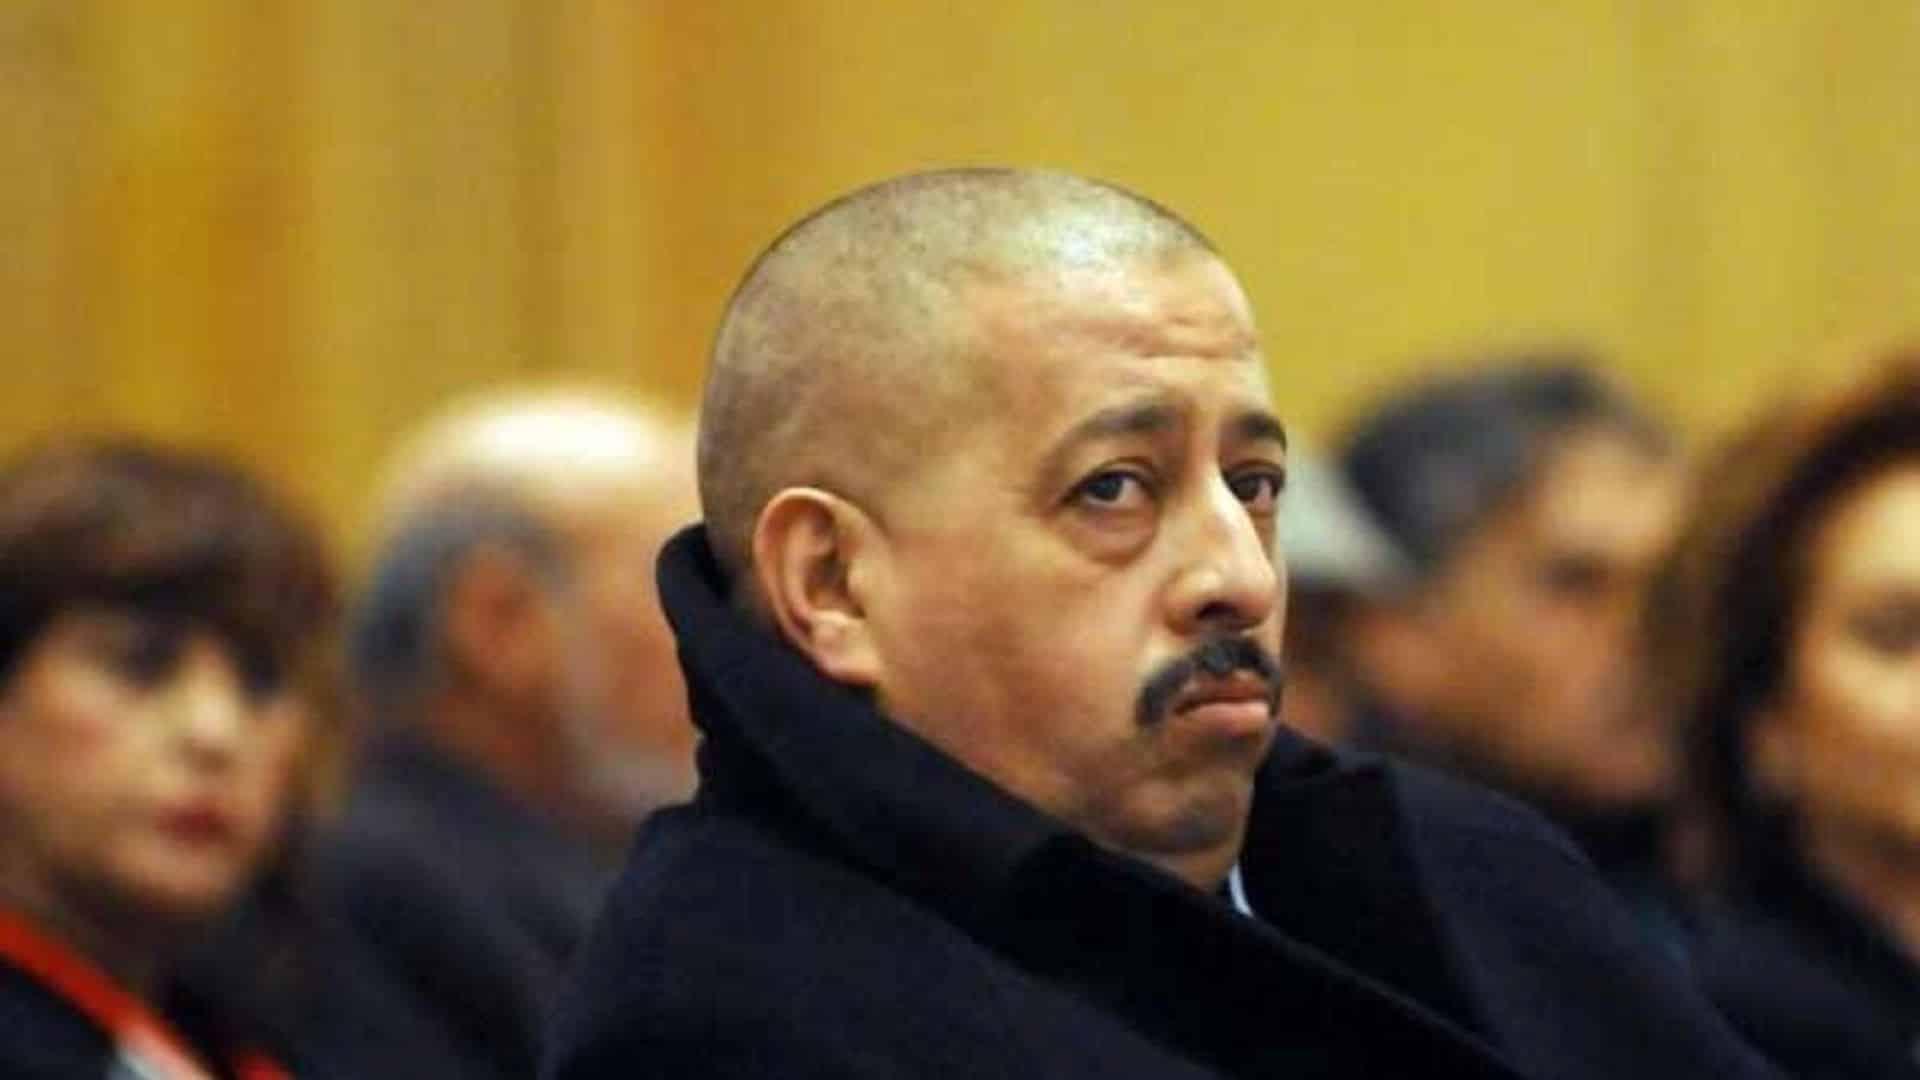 Algérie : Mahieddine Tahkout condamné à 16 ans de prison ferme